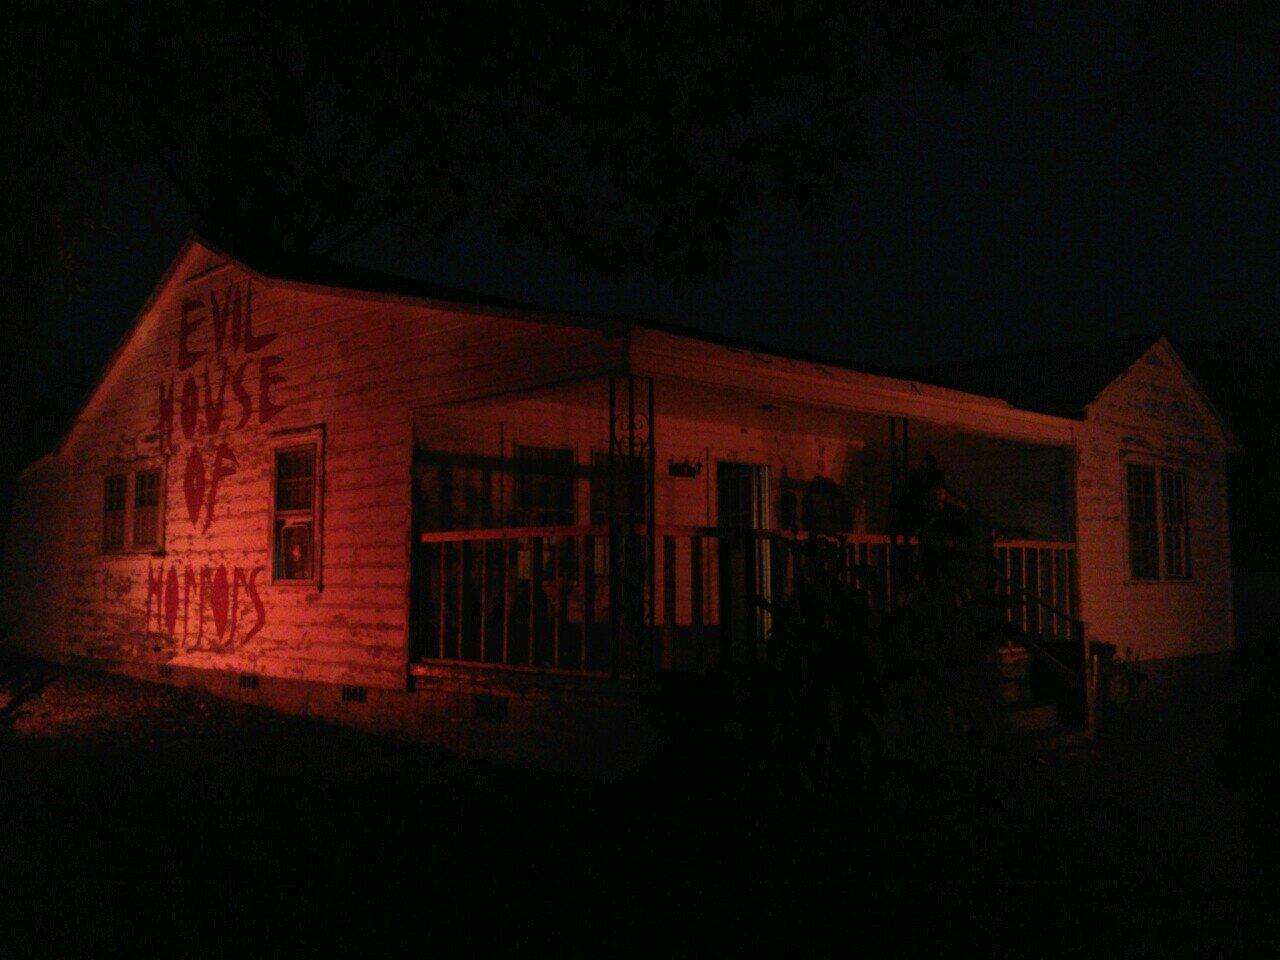 Evil House Of Horror